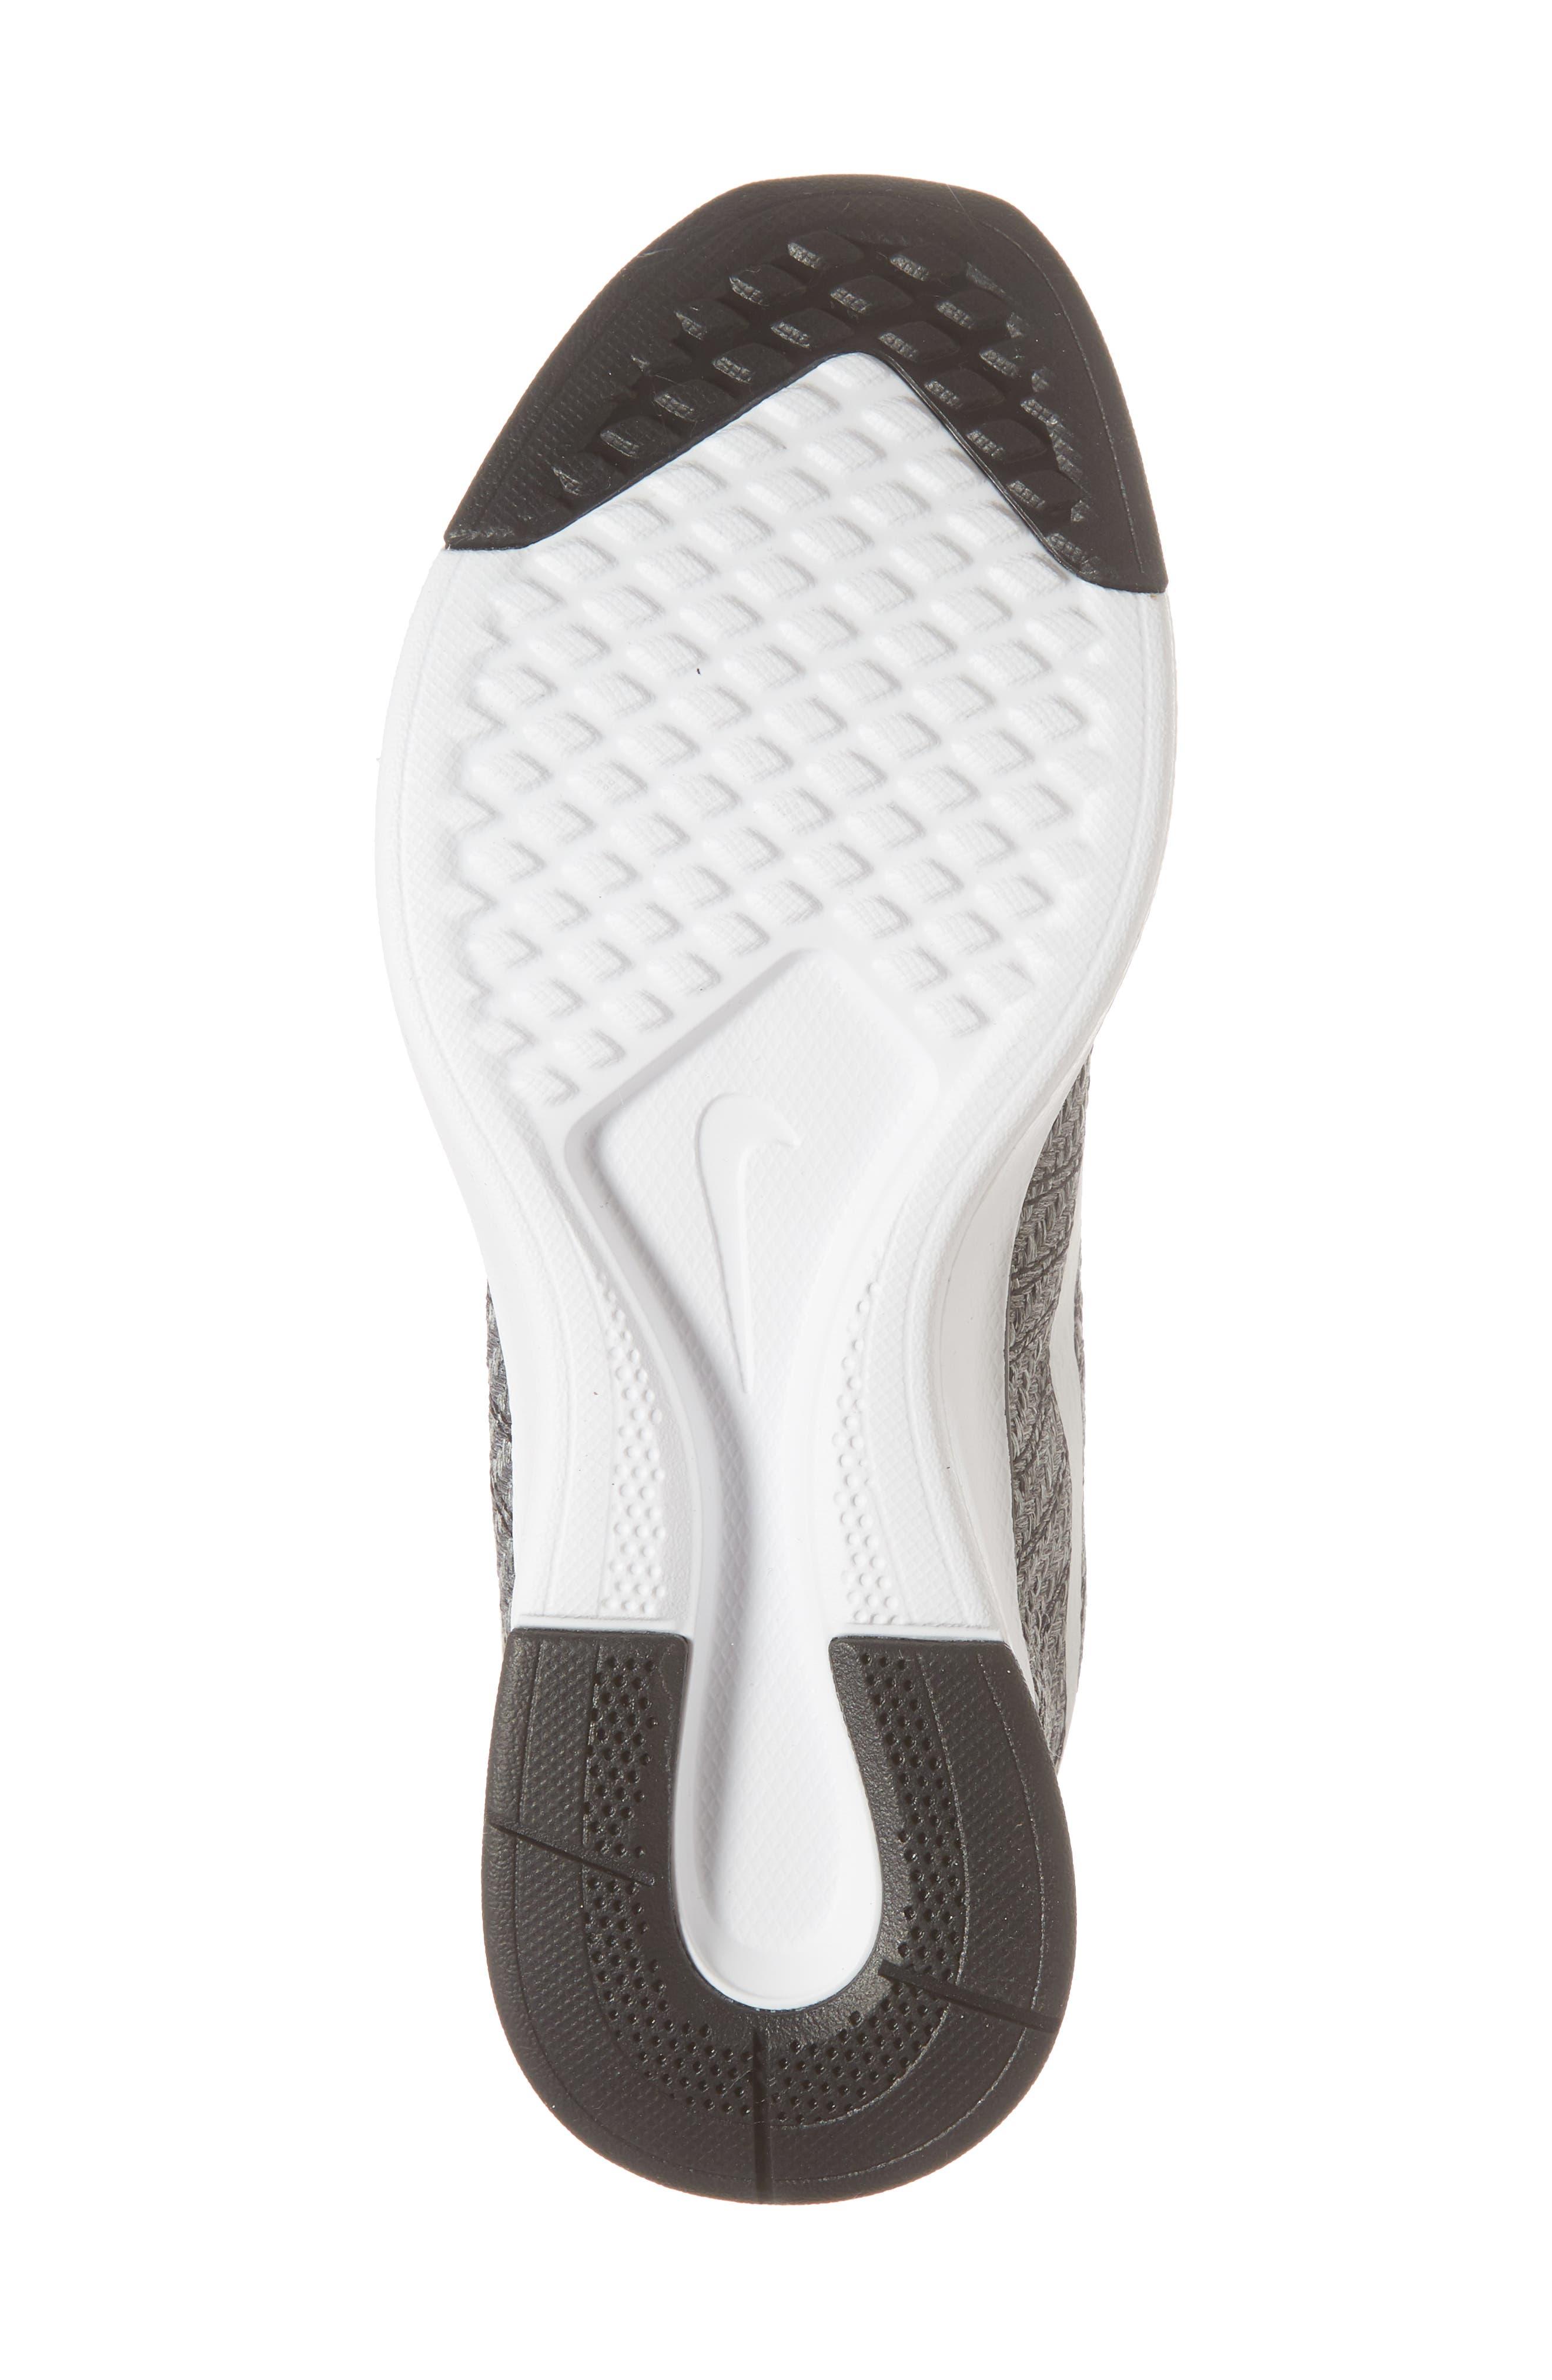 Dualtone Racer SE Sneaker,                             Alternate thumbnail 6, color,                             Black/ Vast Grey/ White